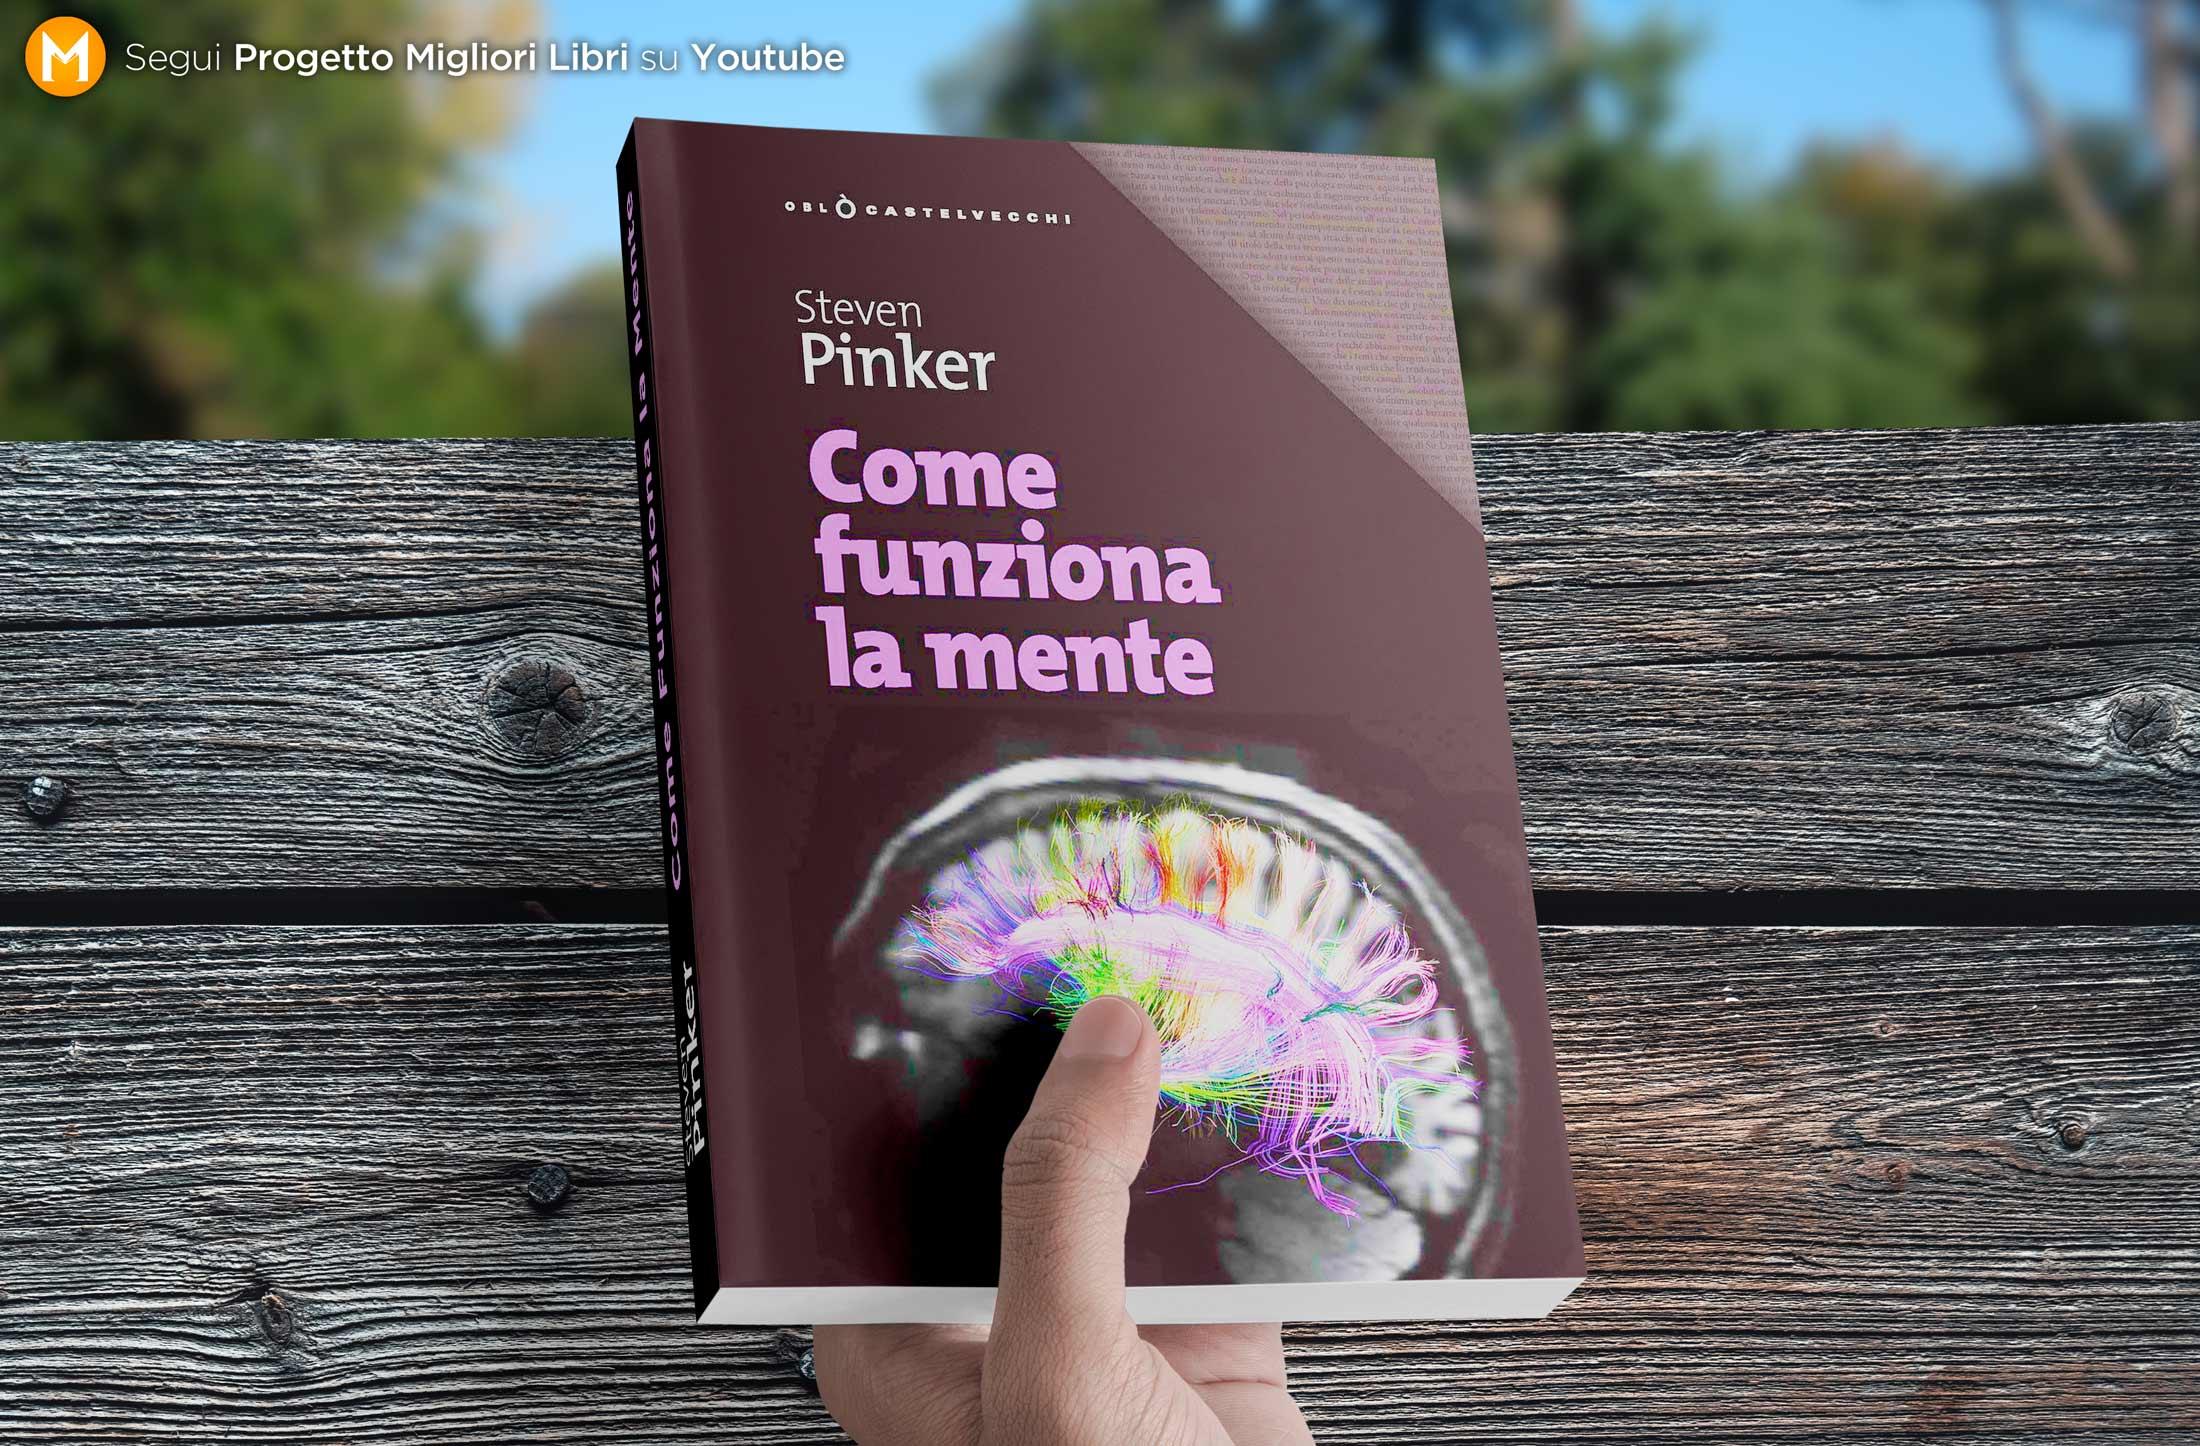 steven-pinker-come-funziona-la-mente